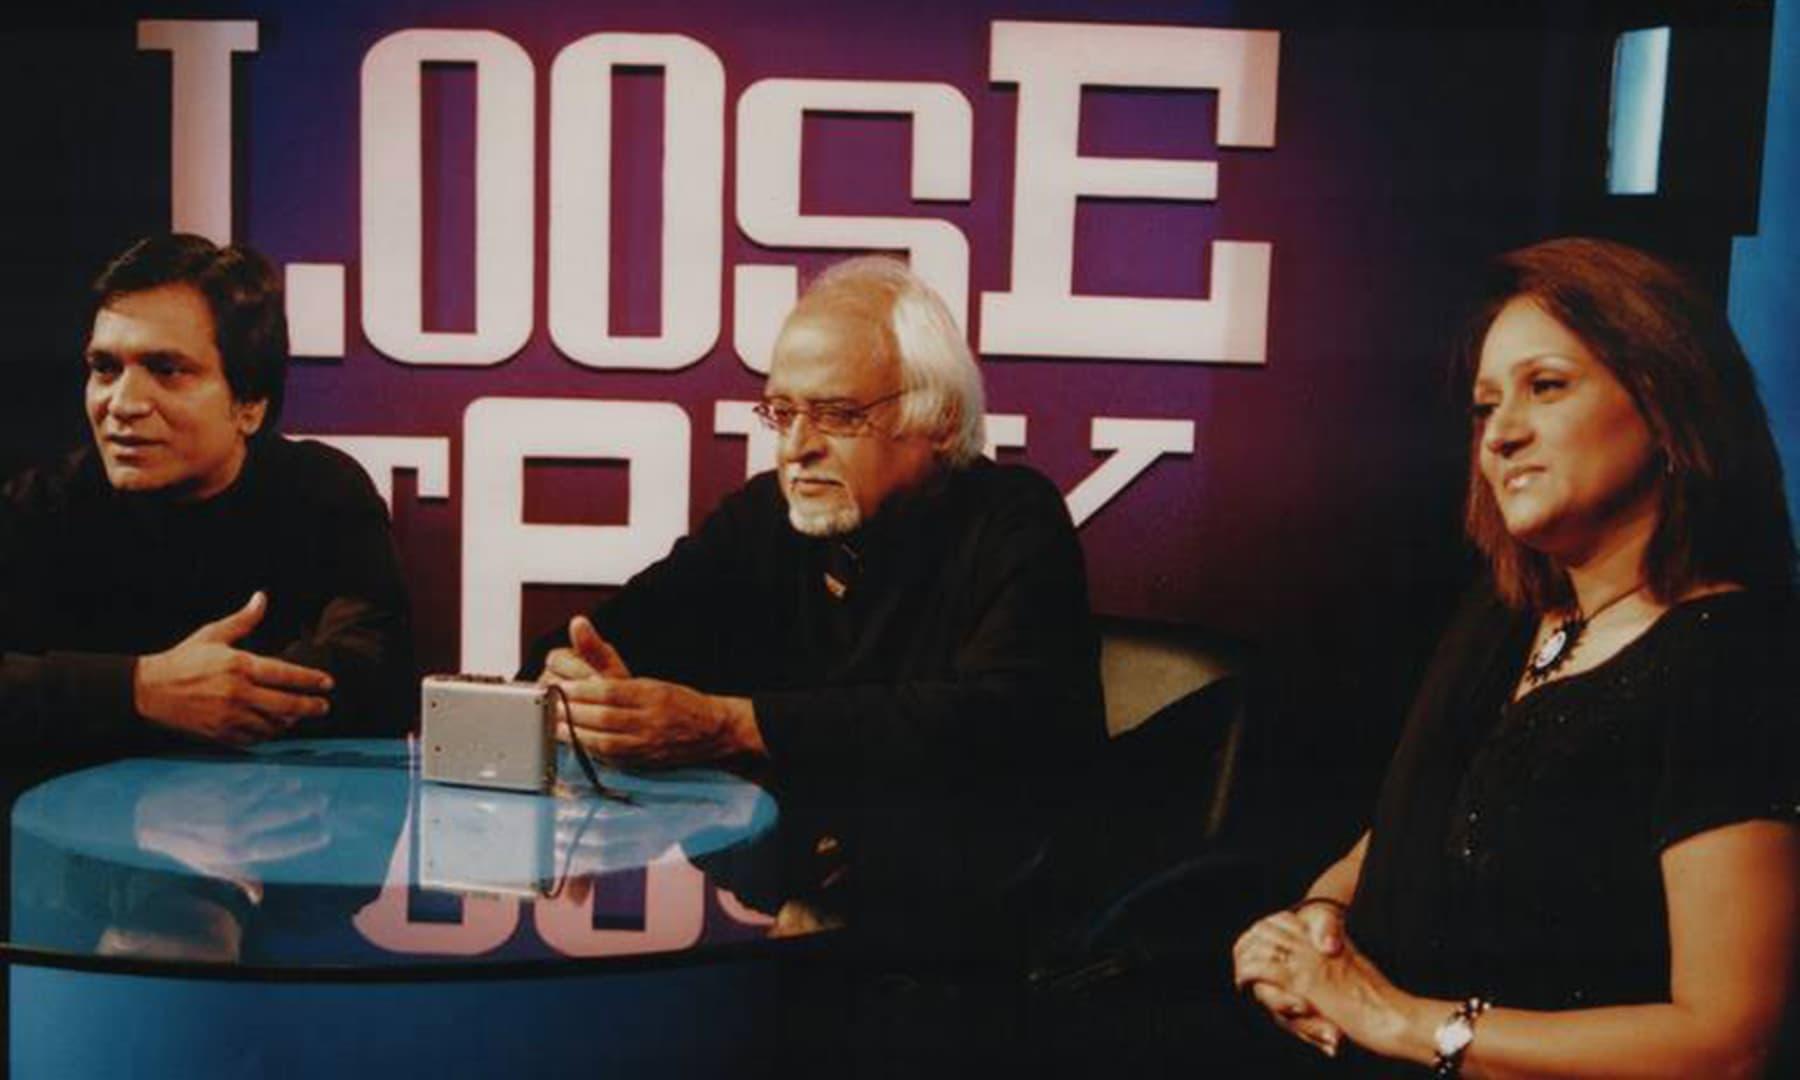 انور مقصود اور معین اختر کے پروگرام 'لوز ٹاک' کو بھی بہت شہرت ملی، تصویر میں بشریٰ انصاری بھی موجود ہیں